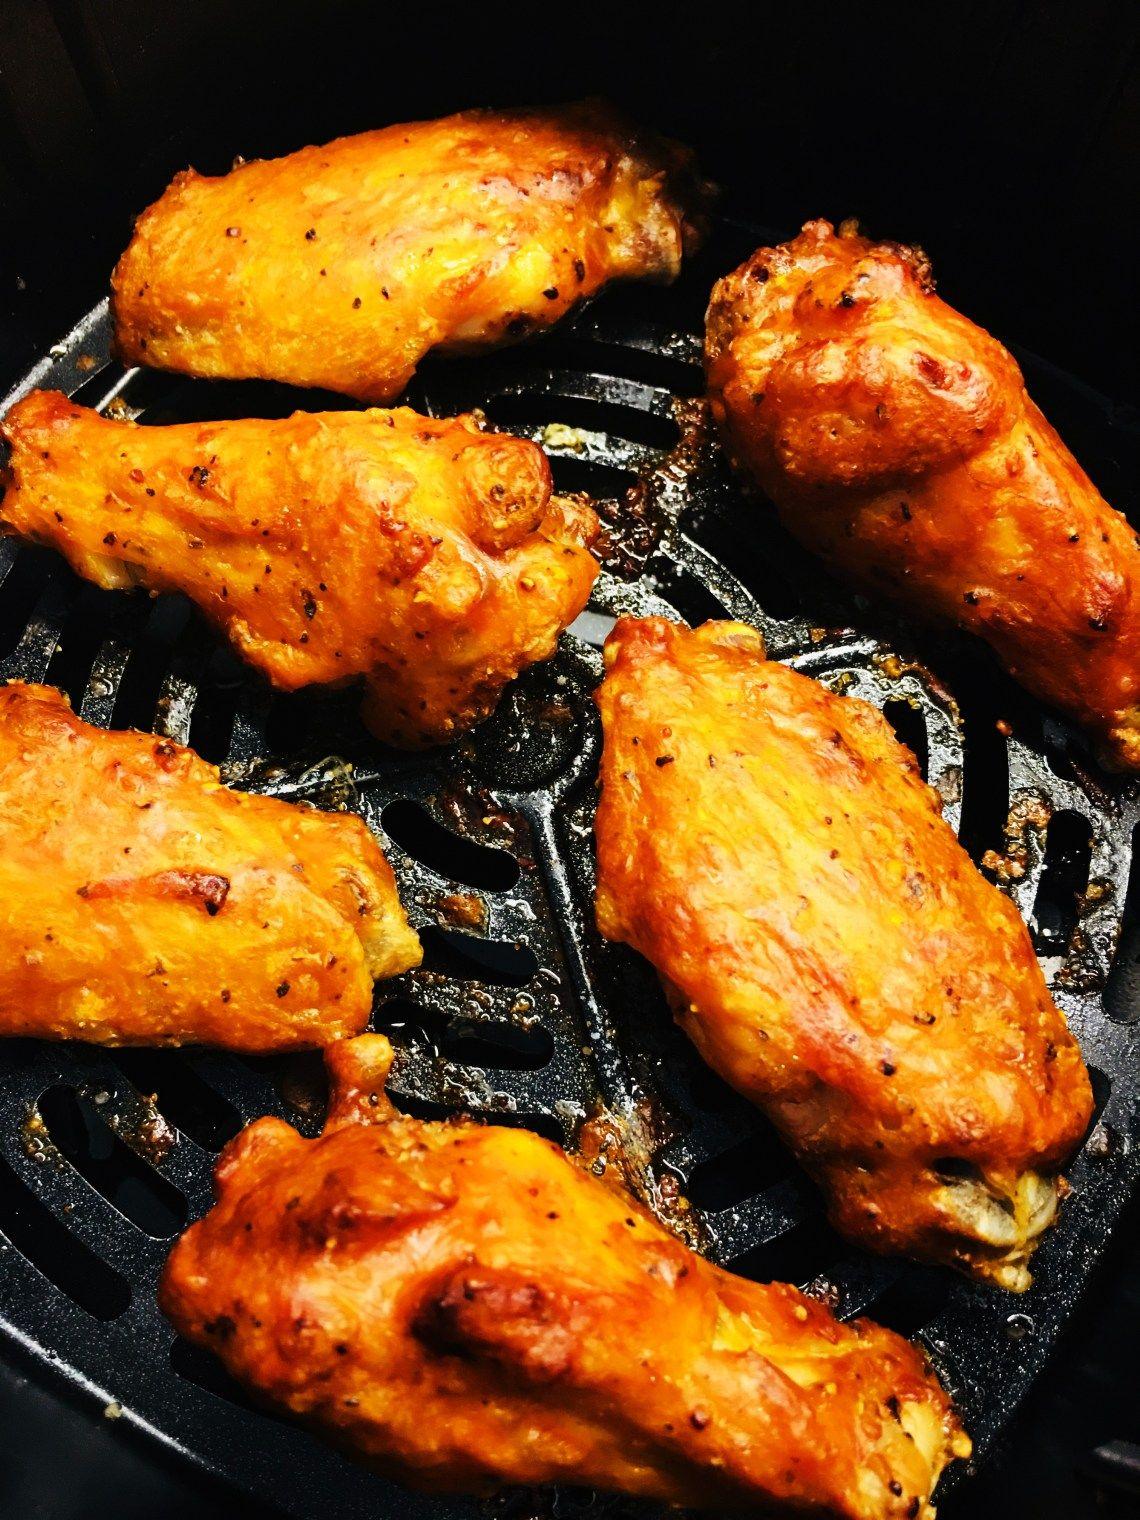 Air Fryer Buffalo Chicken Wings Recipe Chicken wings